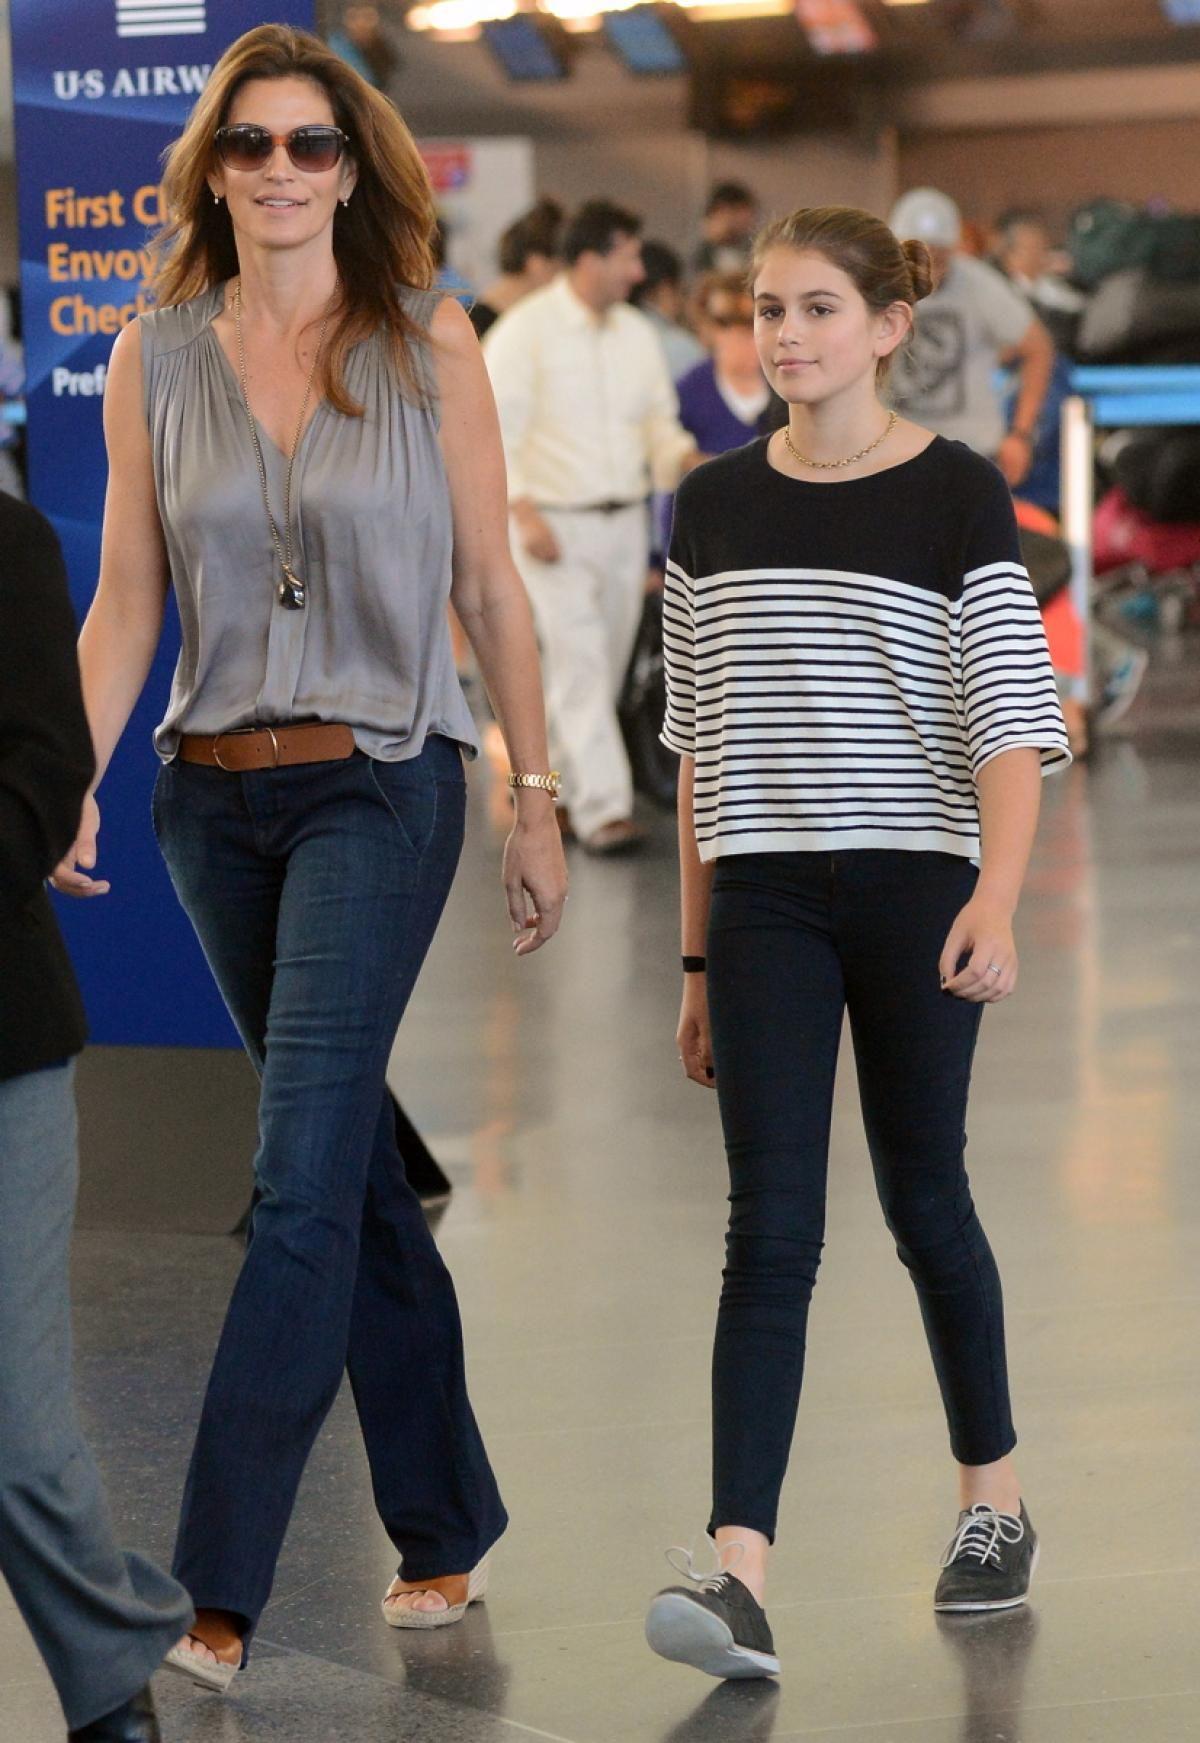 Cindy Crawford and daughter Kaia Gerber - Photos ...